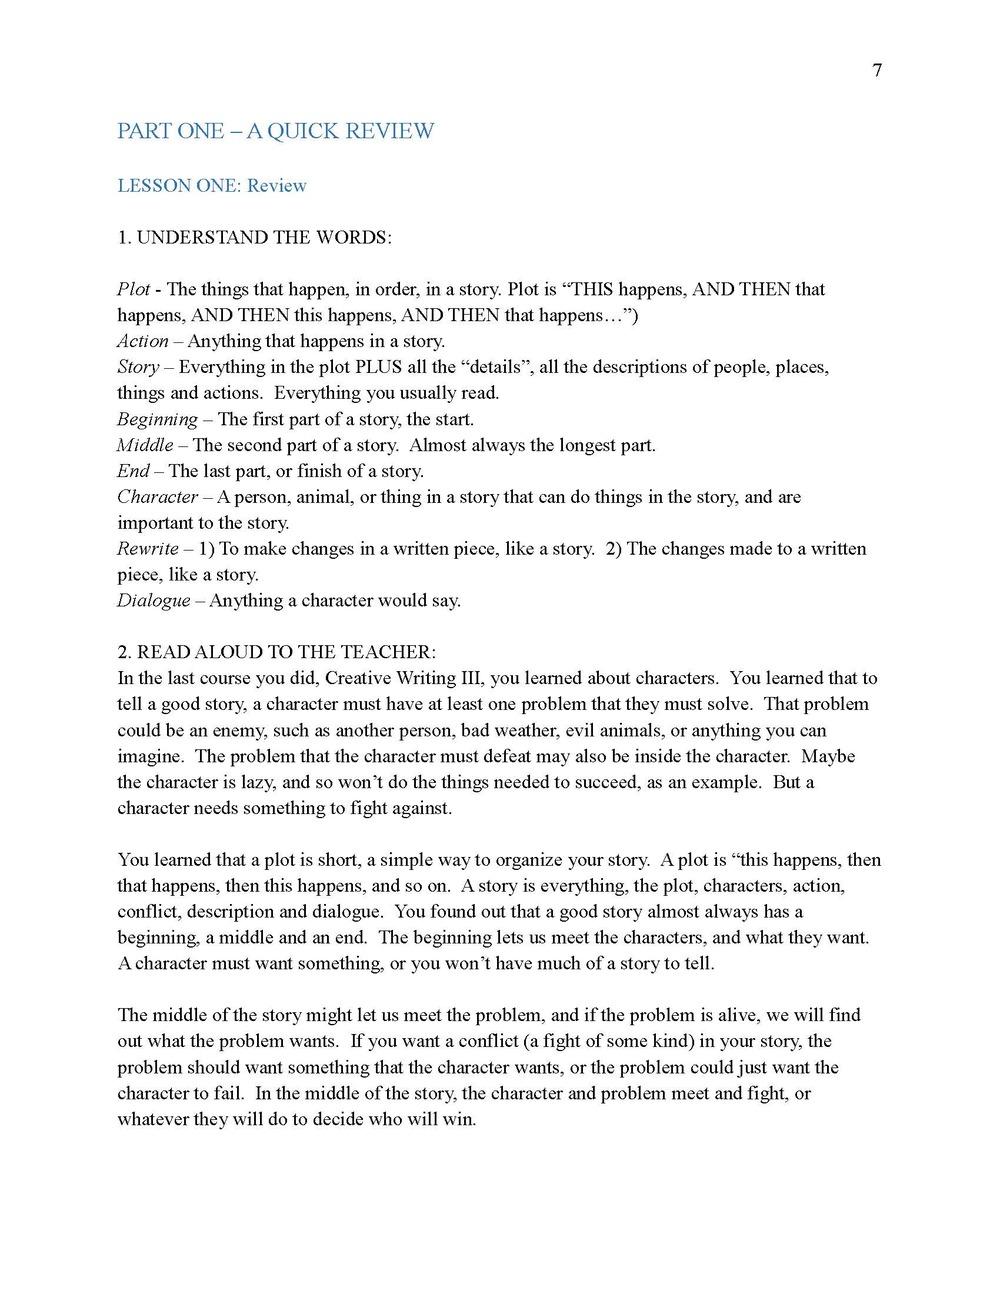 Step 2 Creative Writing 4_Page_08.jpg